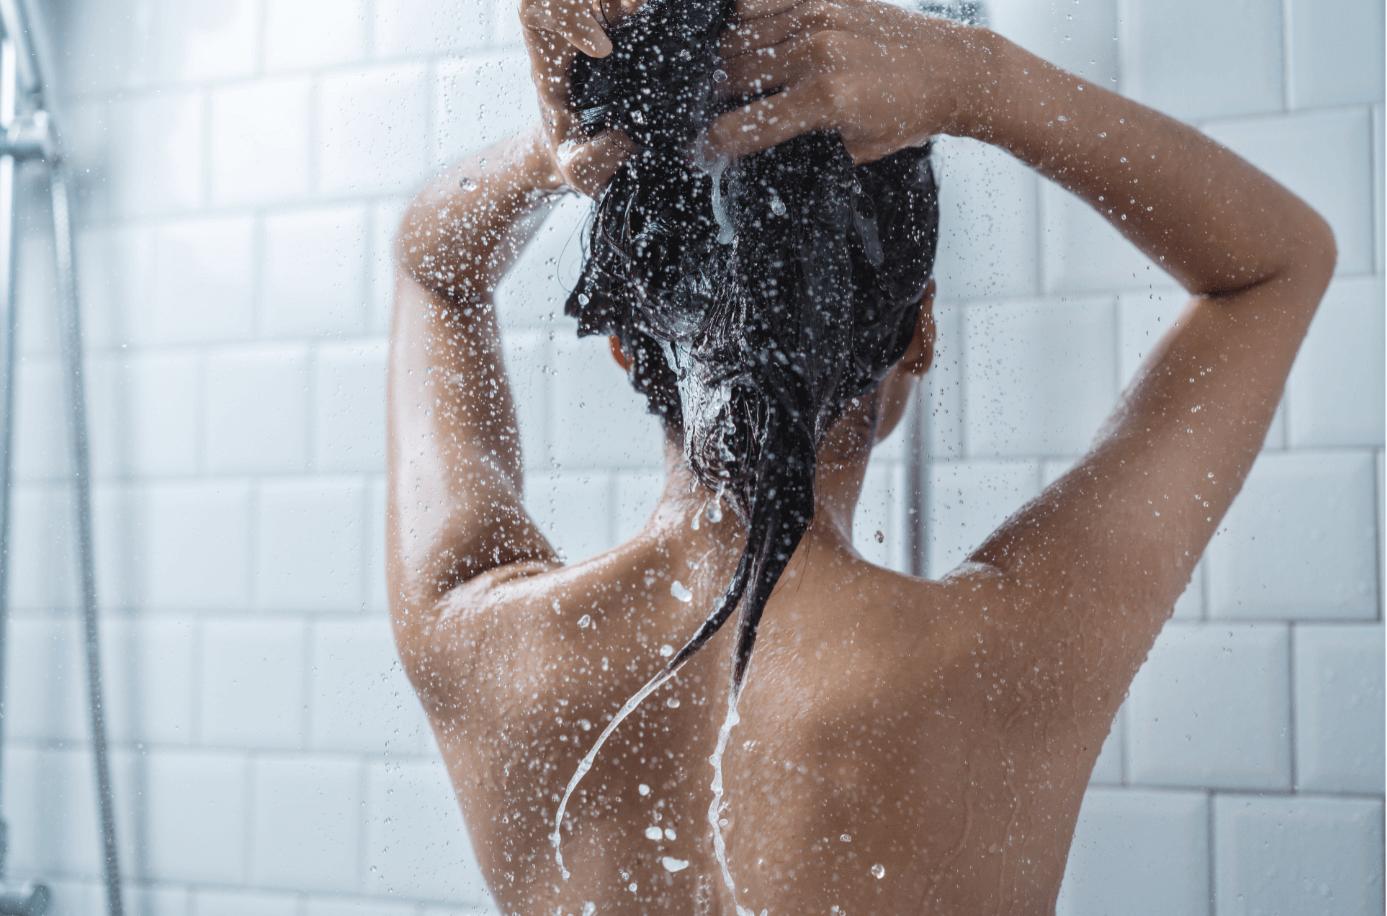 Schwarze-Haare-waschen